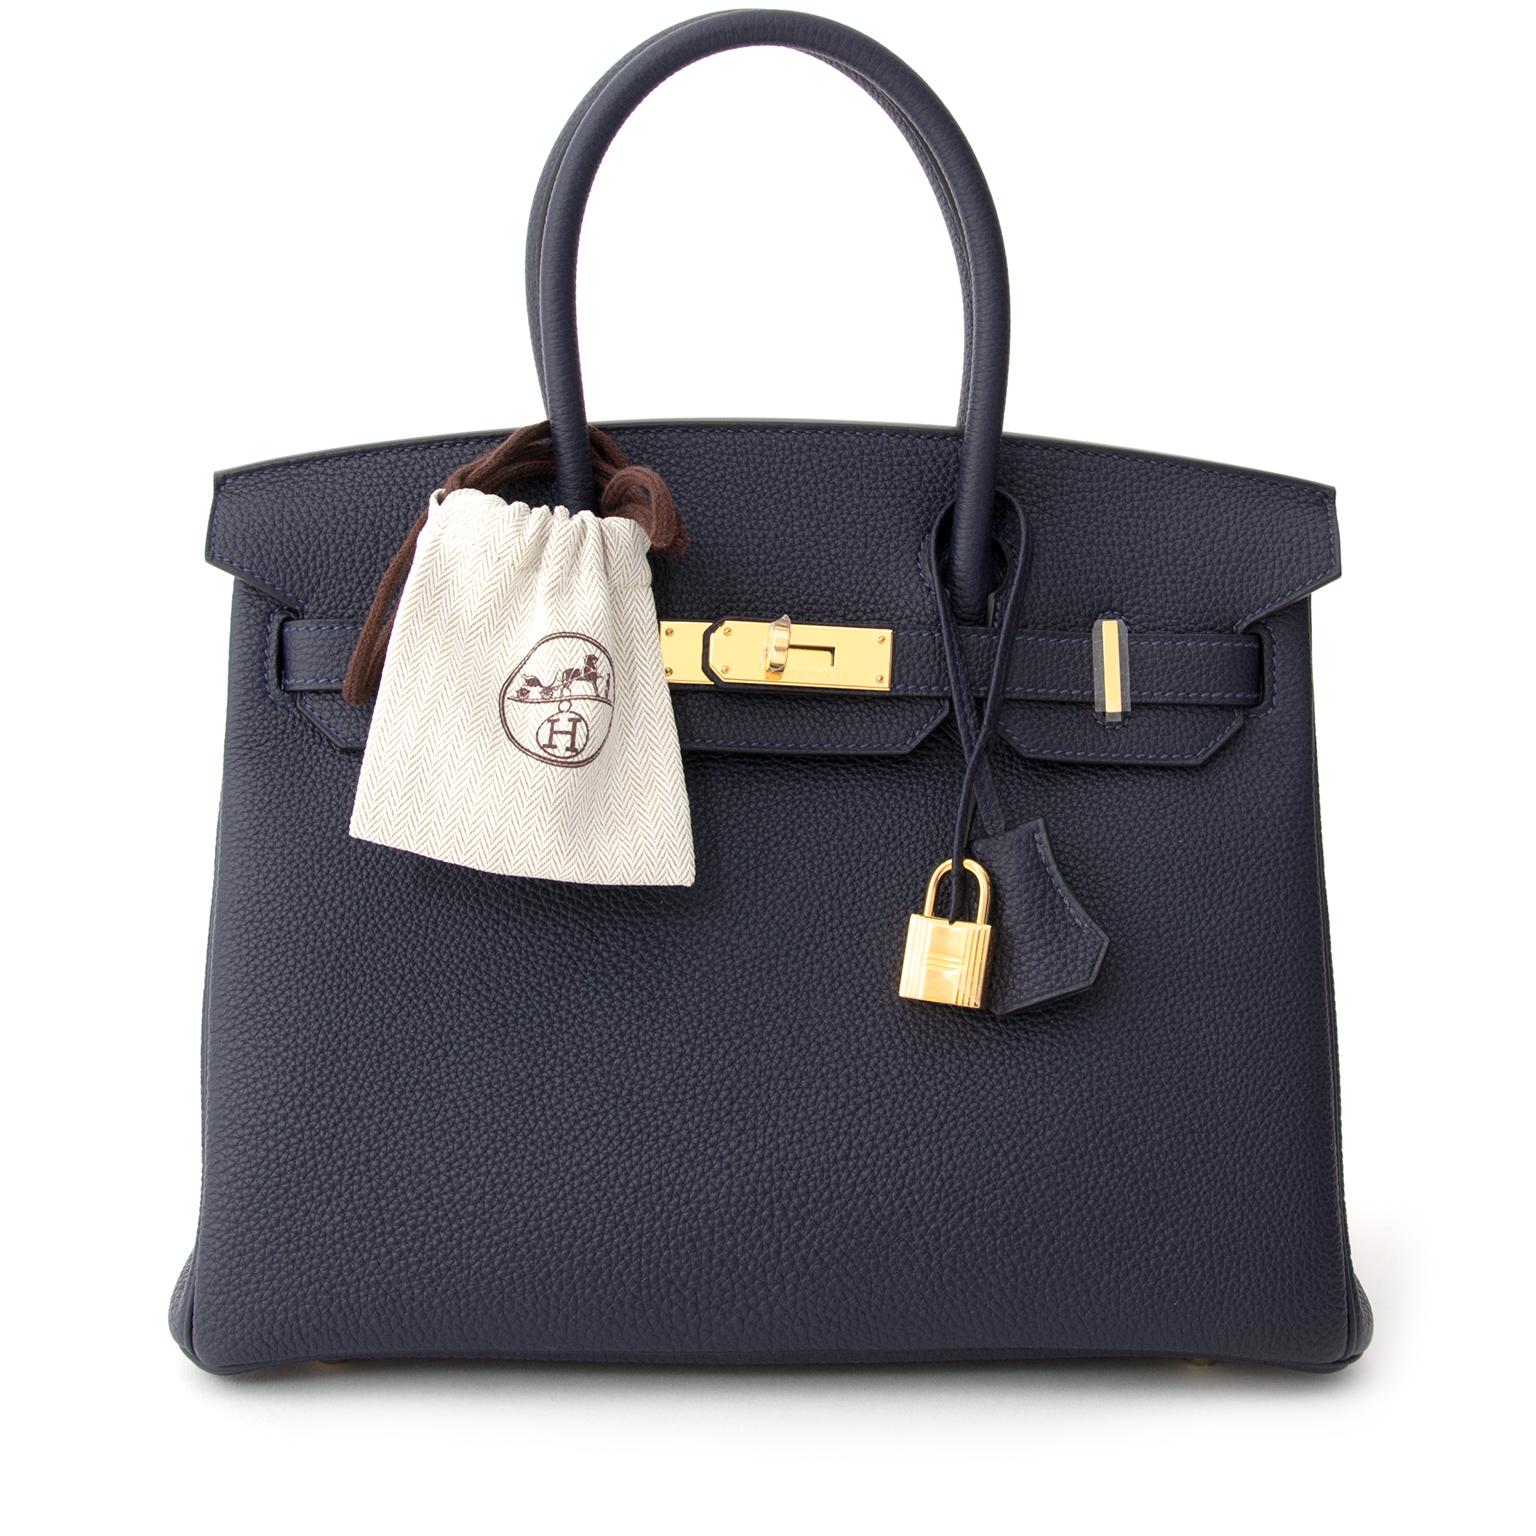 e8c818957c18 ... buy safe online secondhand designer brend new Hermès Birkin 30 Bleu  Nuit Togo GHW